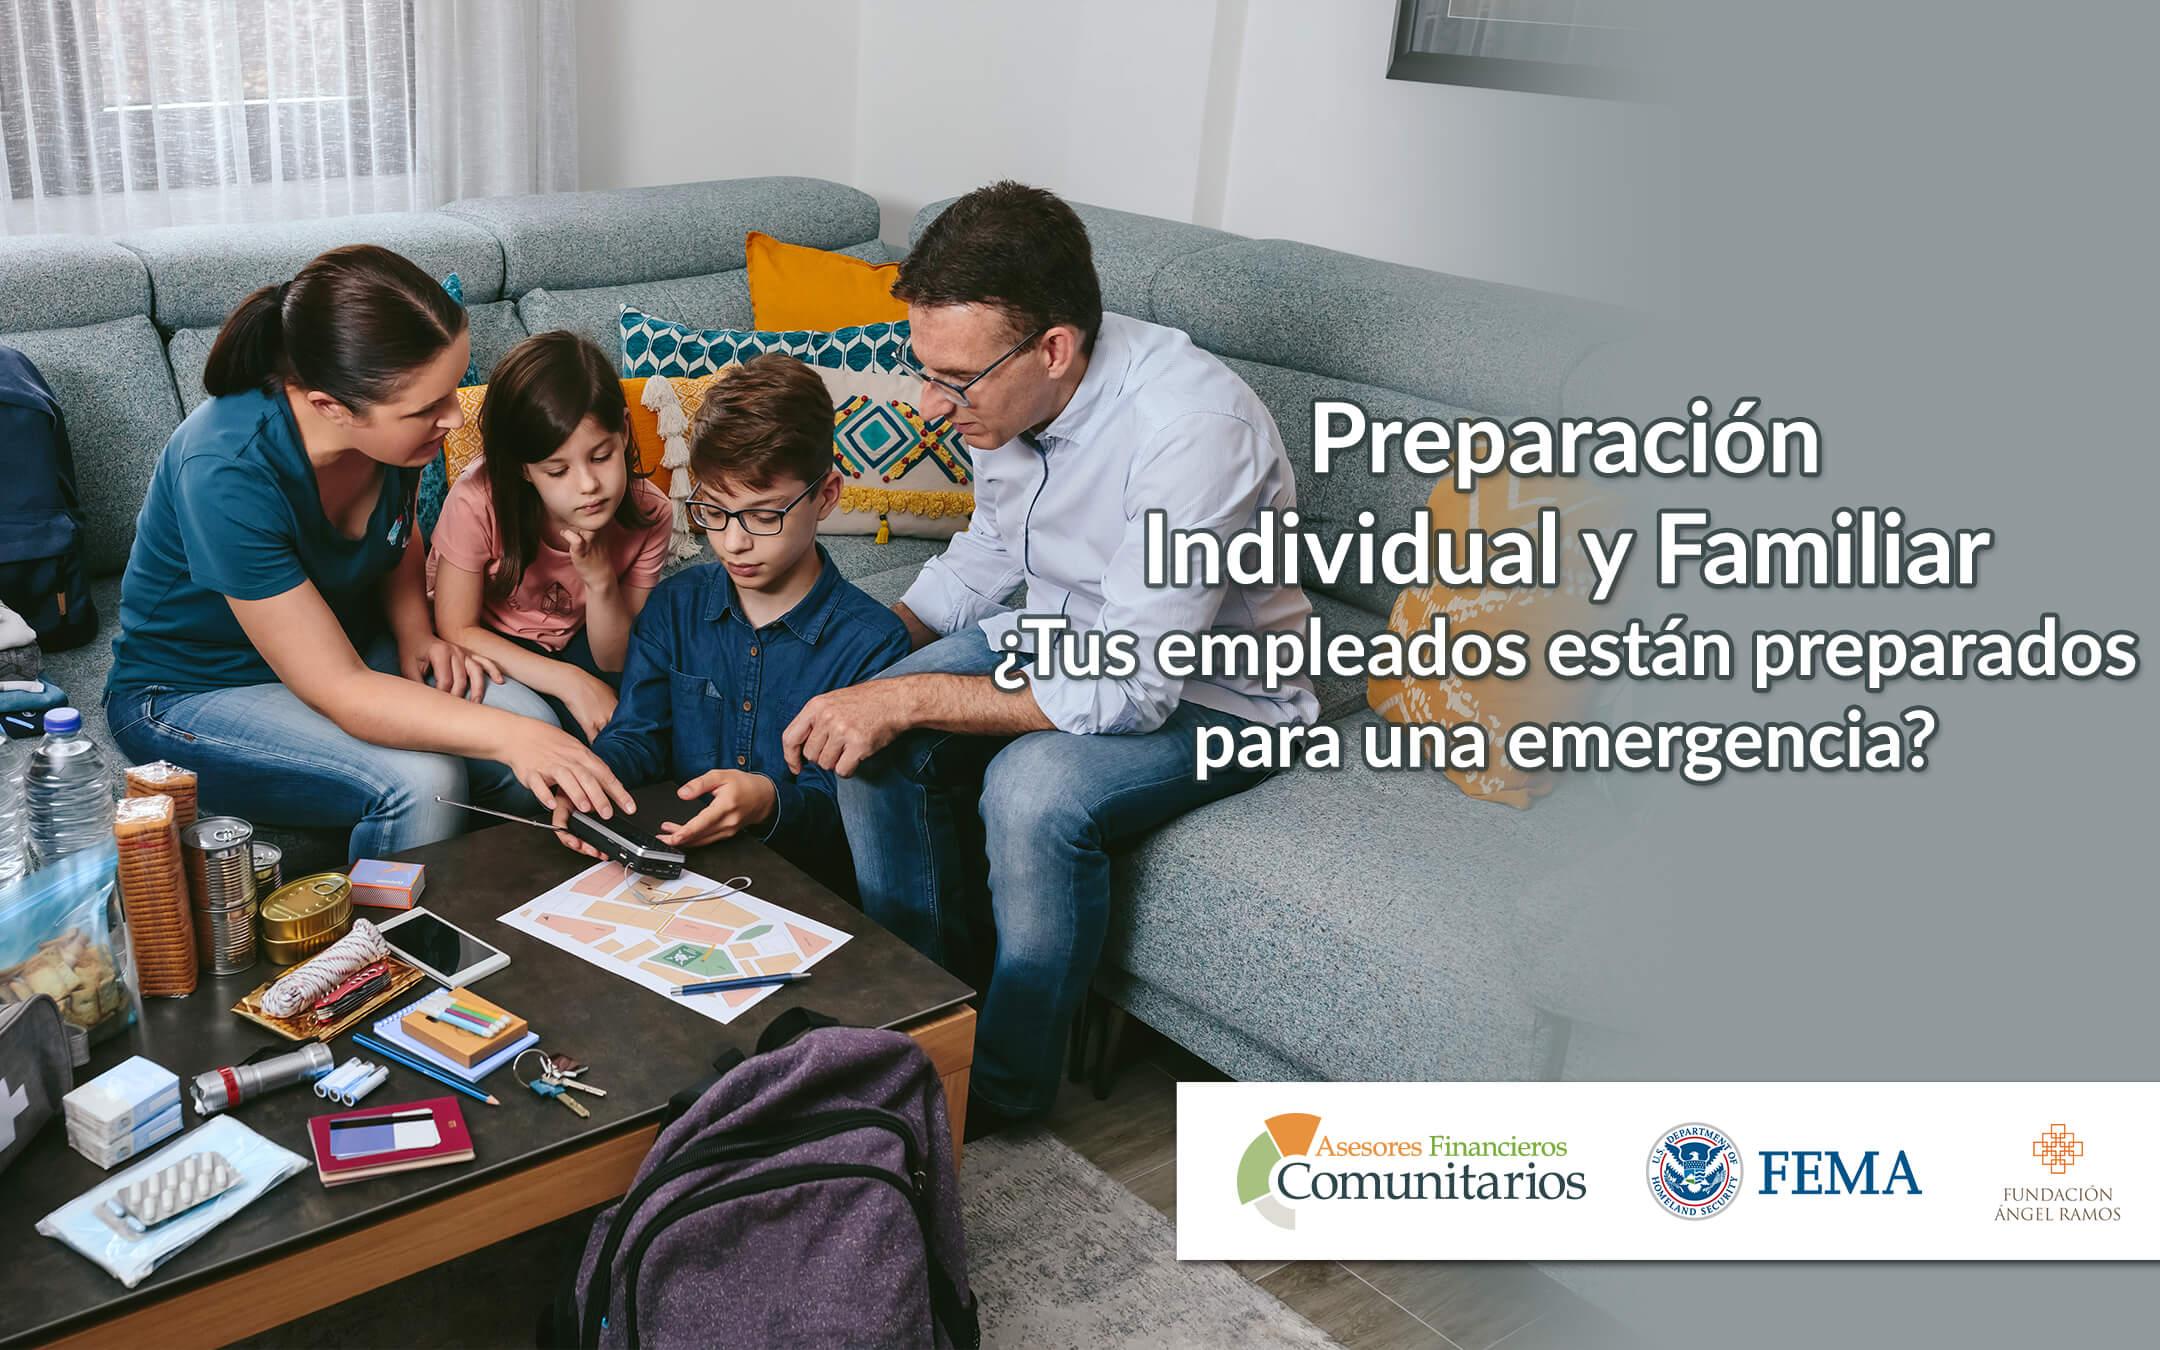 Preparación Individual y Familiar ¿Tus empleados están preparados para una emergencia?